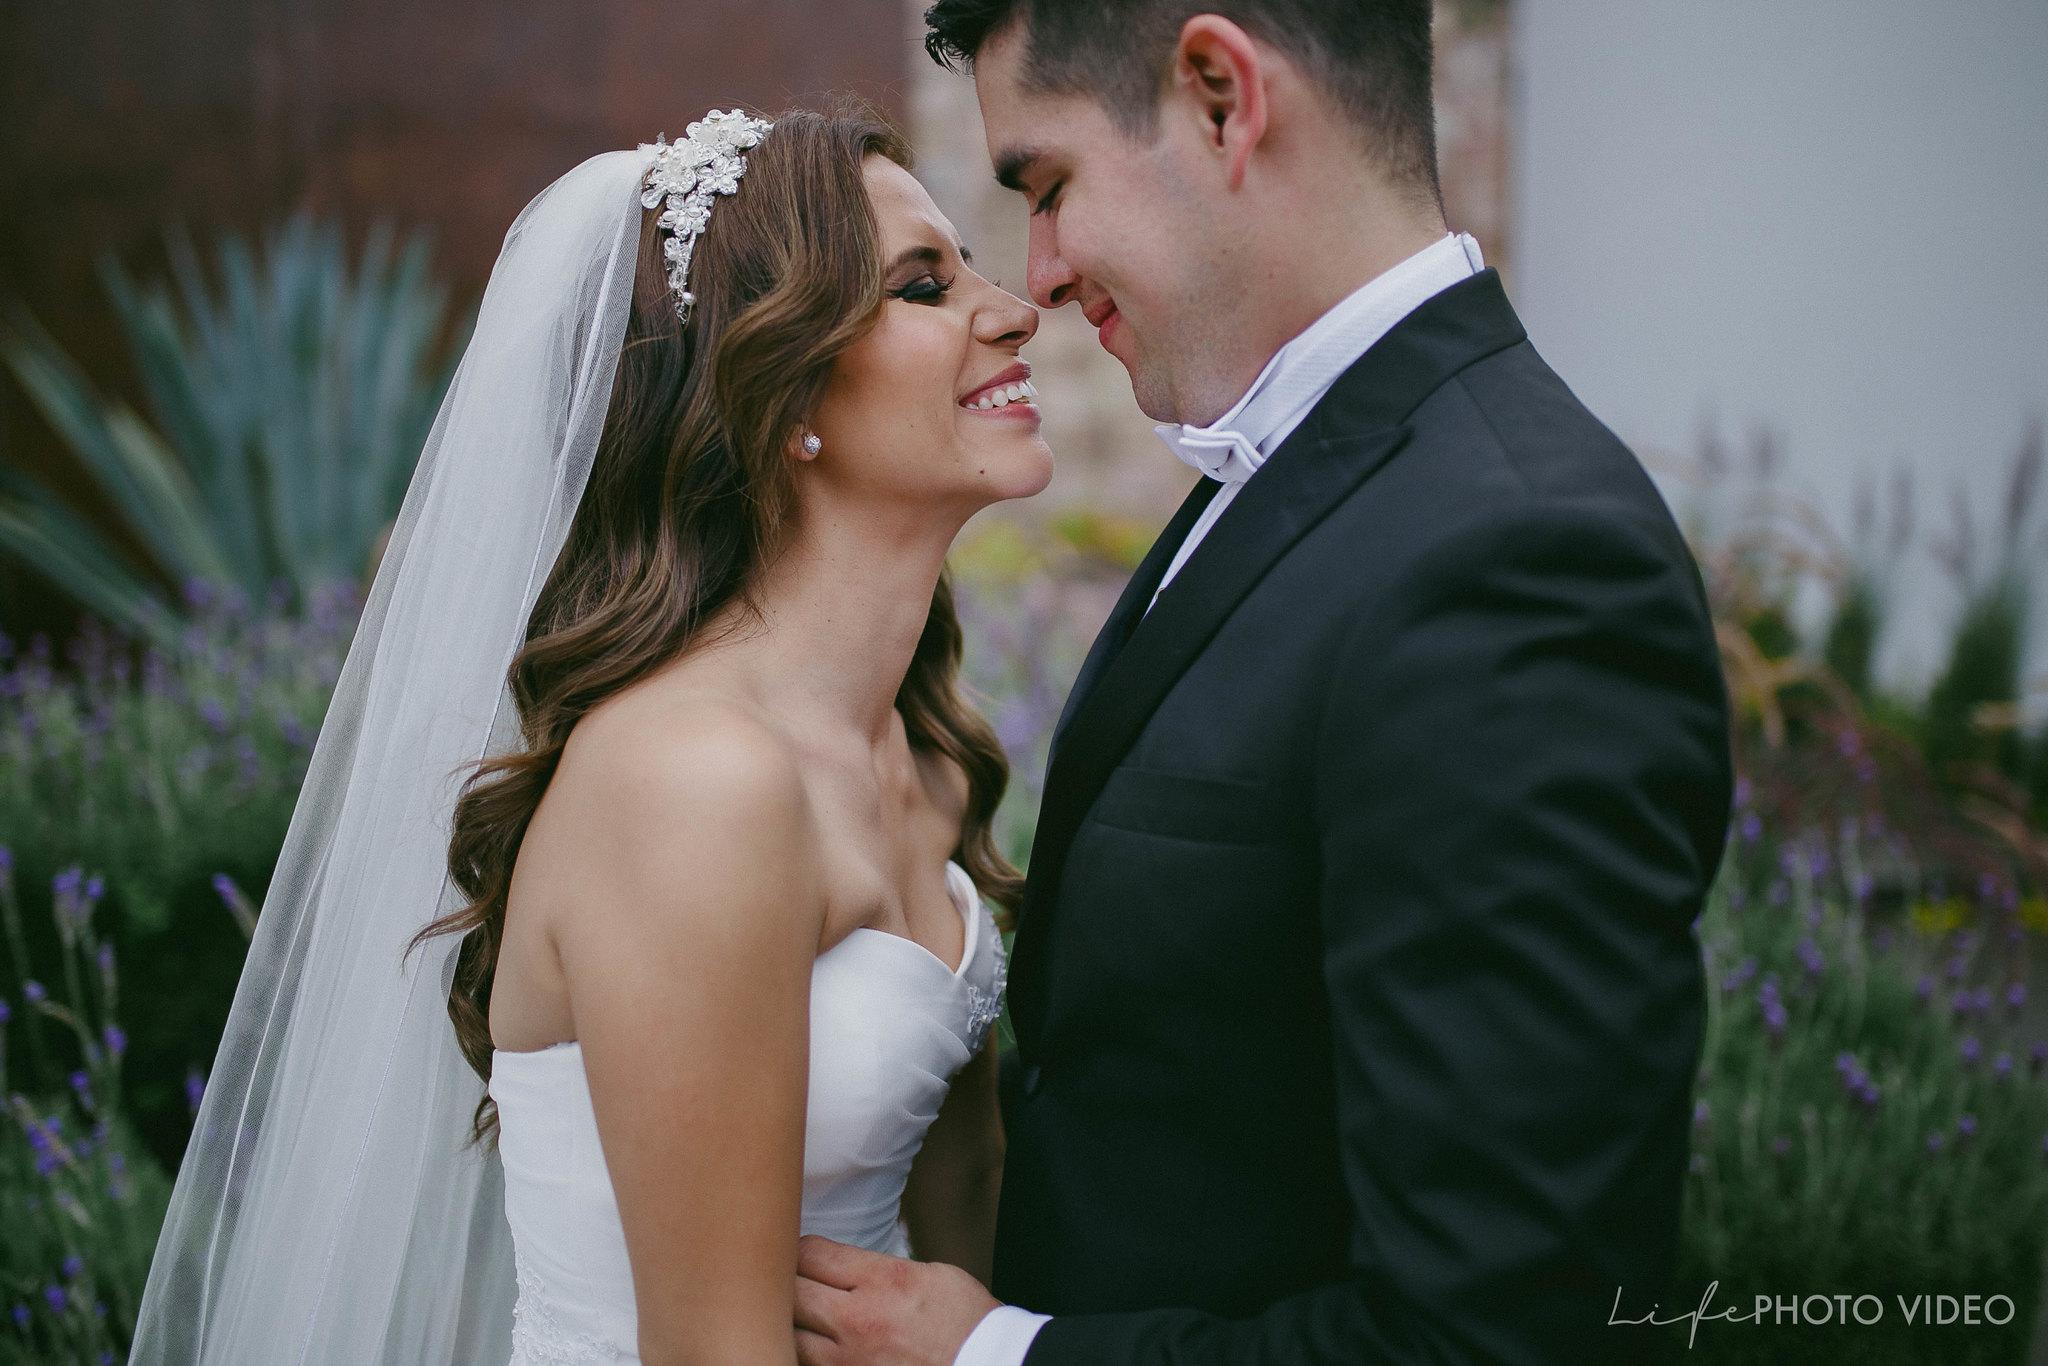 Boda_LeonGto_Wedding_LifePhotoVideo_0020.jpg